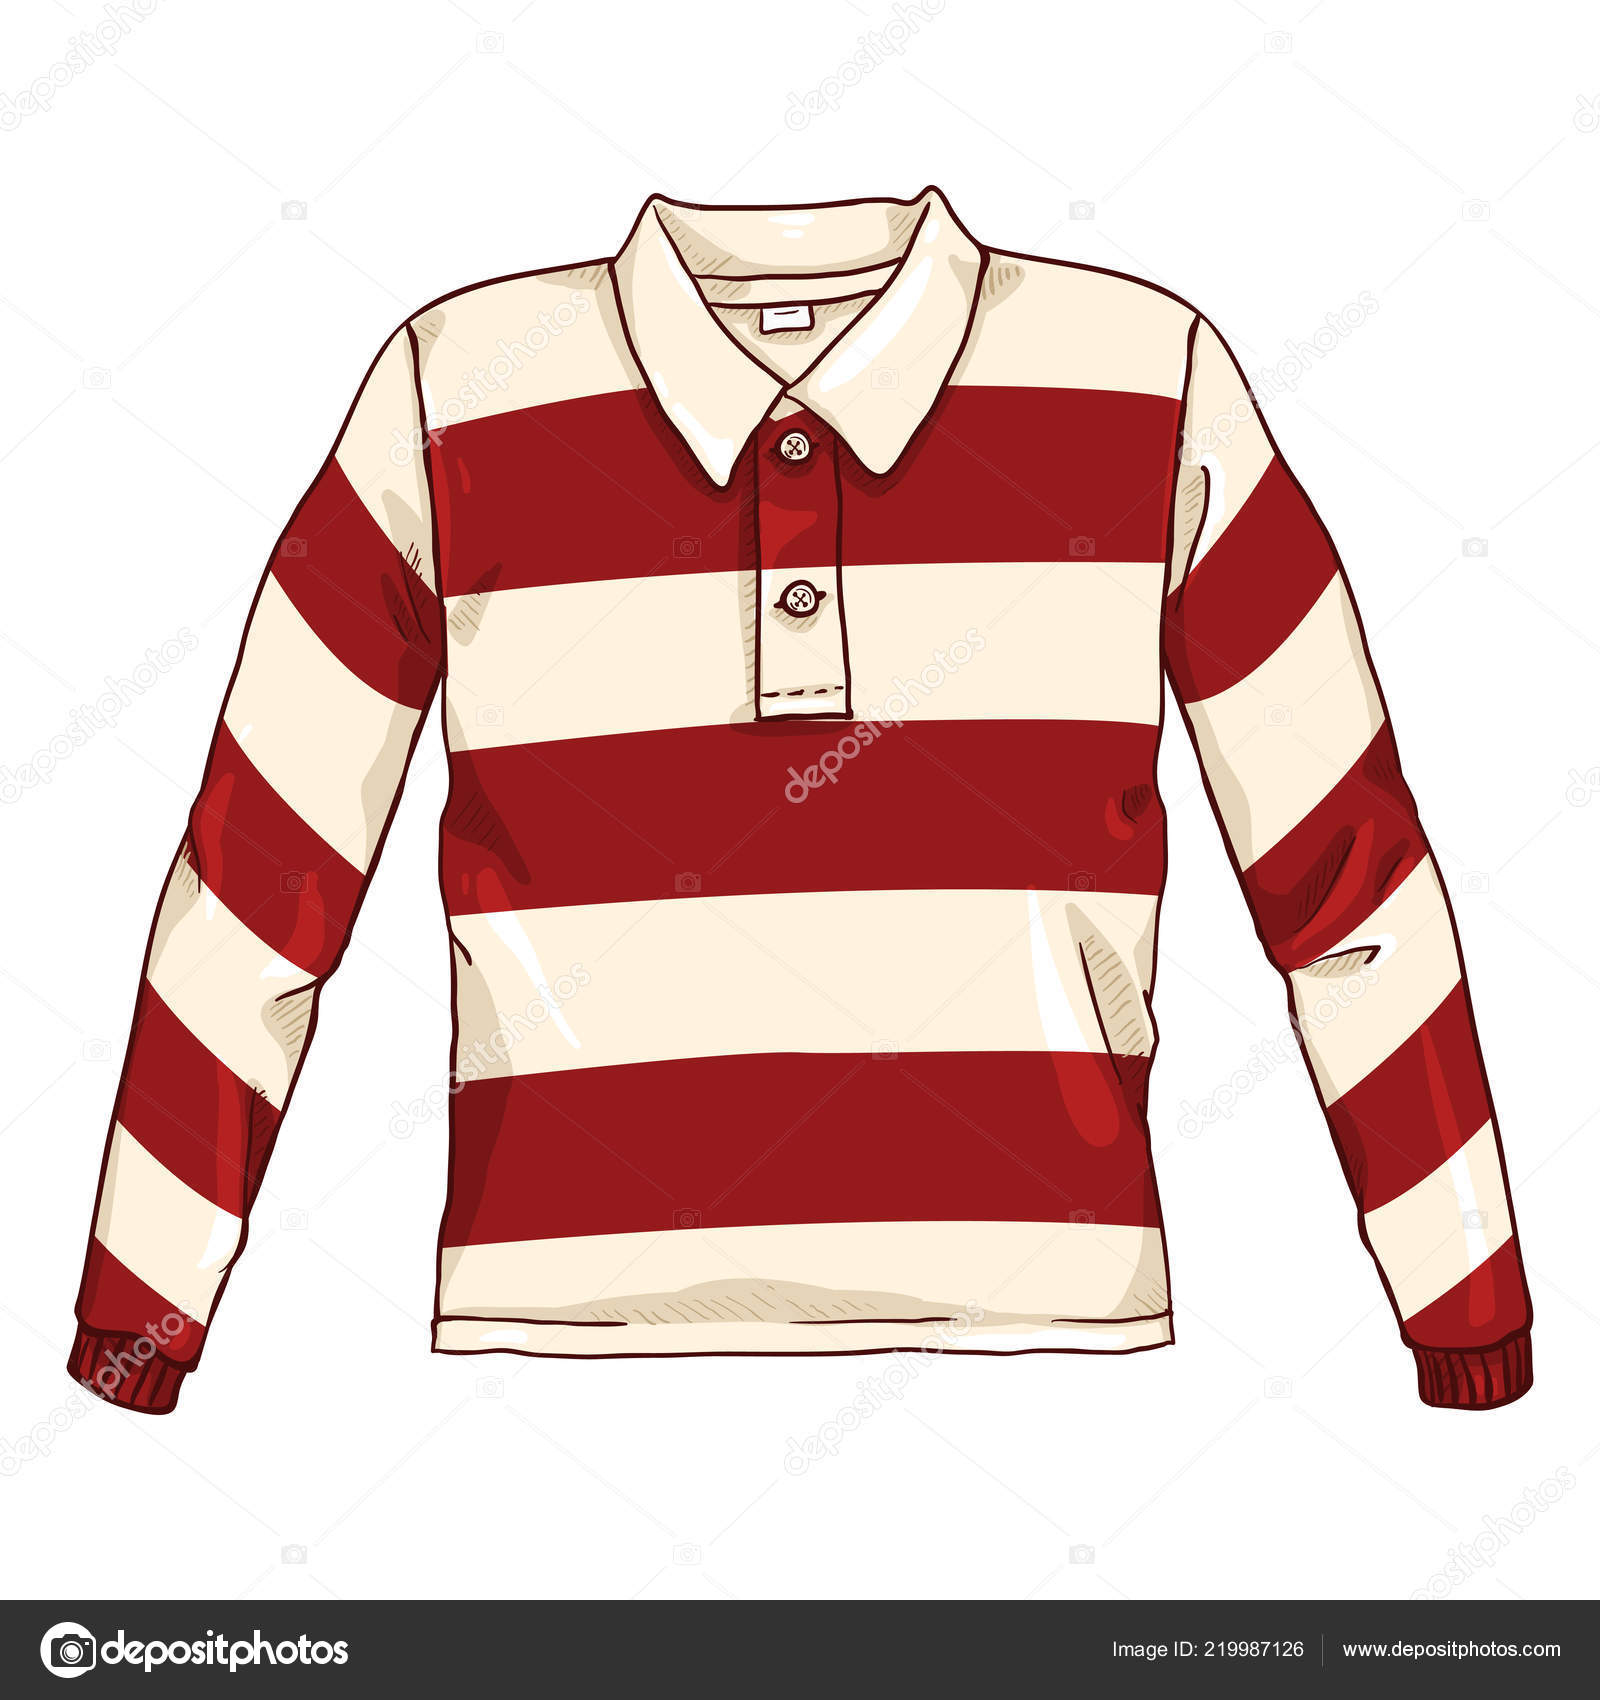 c40bfe059700 Διάνυσμα καρτούν εικονογράφηση χρώμα - κόκκινο και λευκό ριγέ πουκάμισο  ράγκμπι — Διάνυσμα με ...